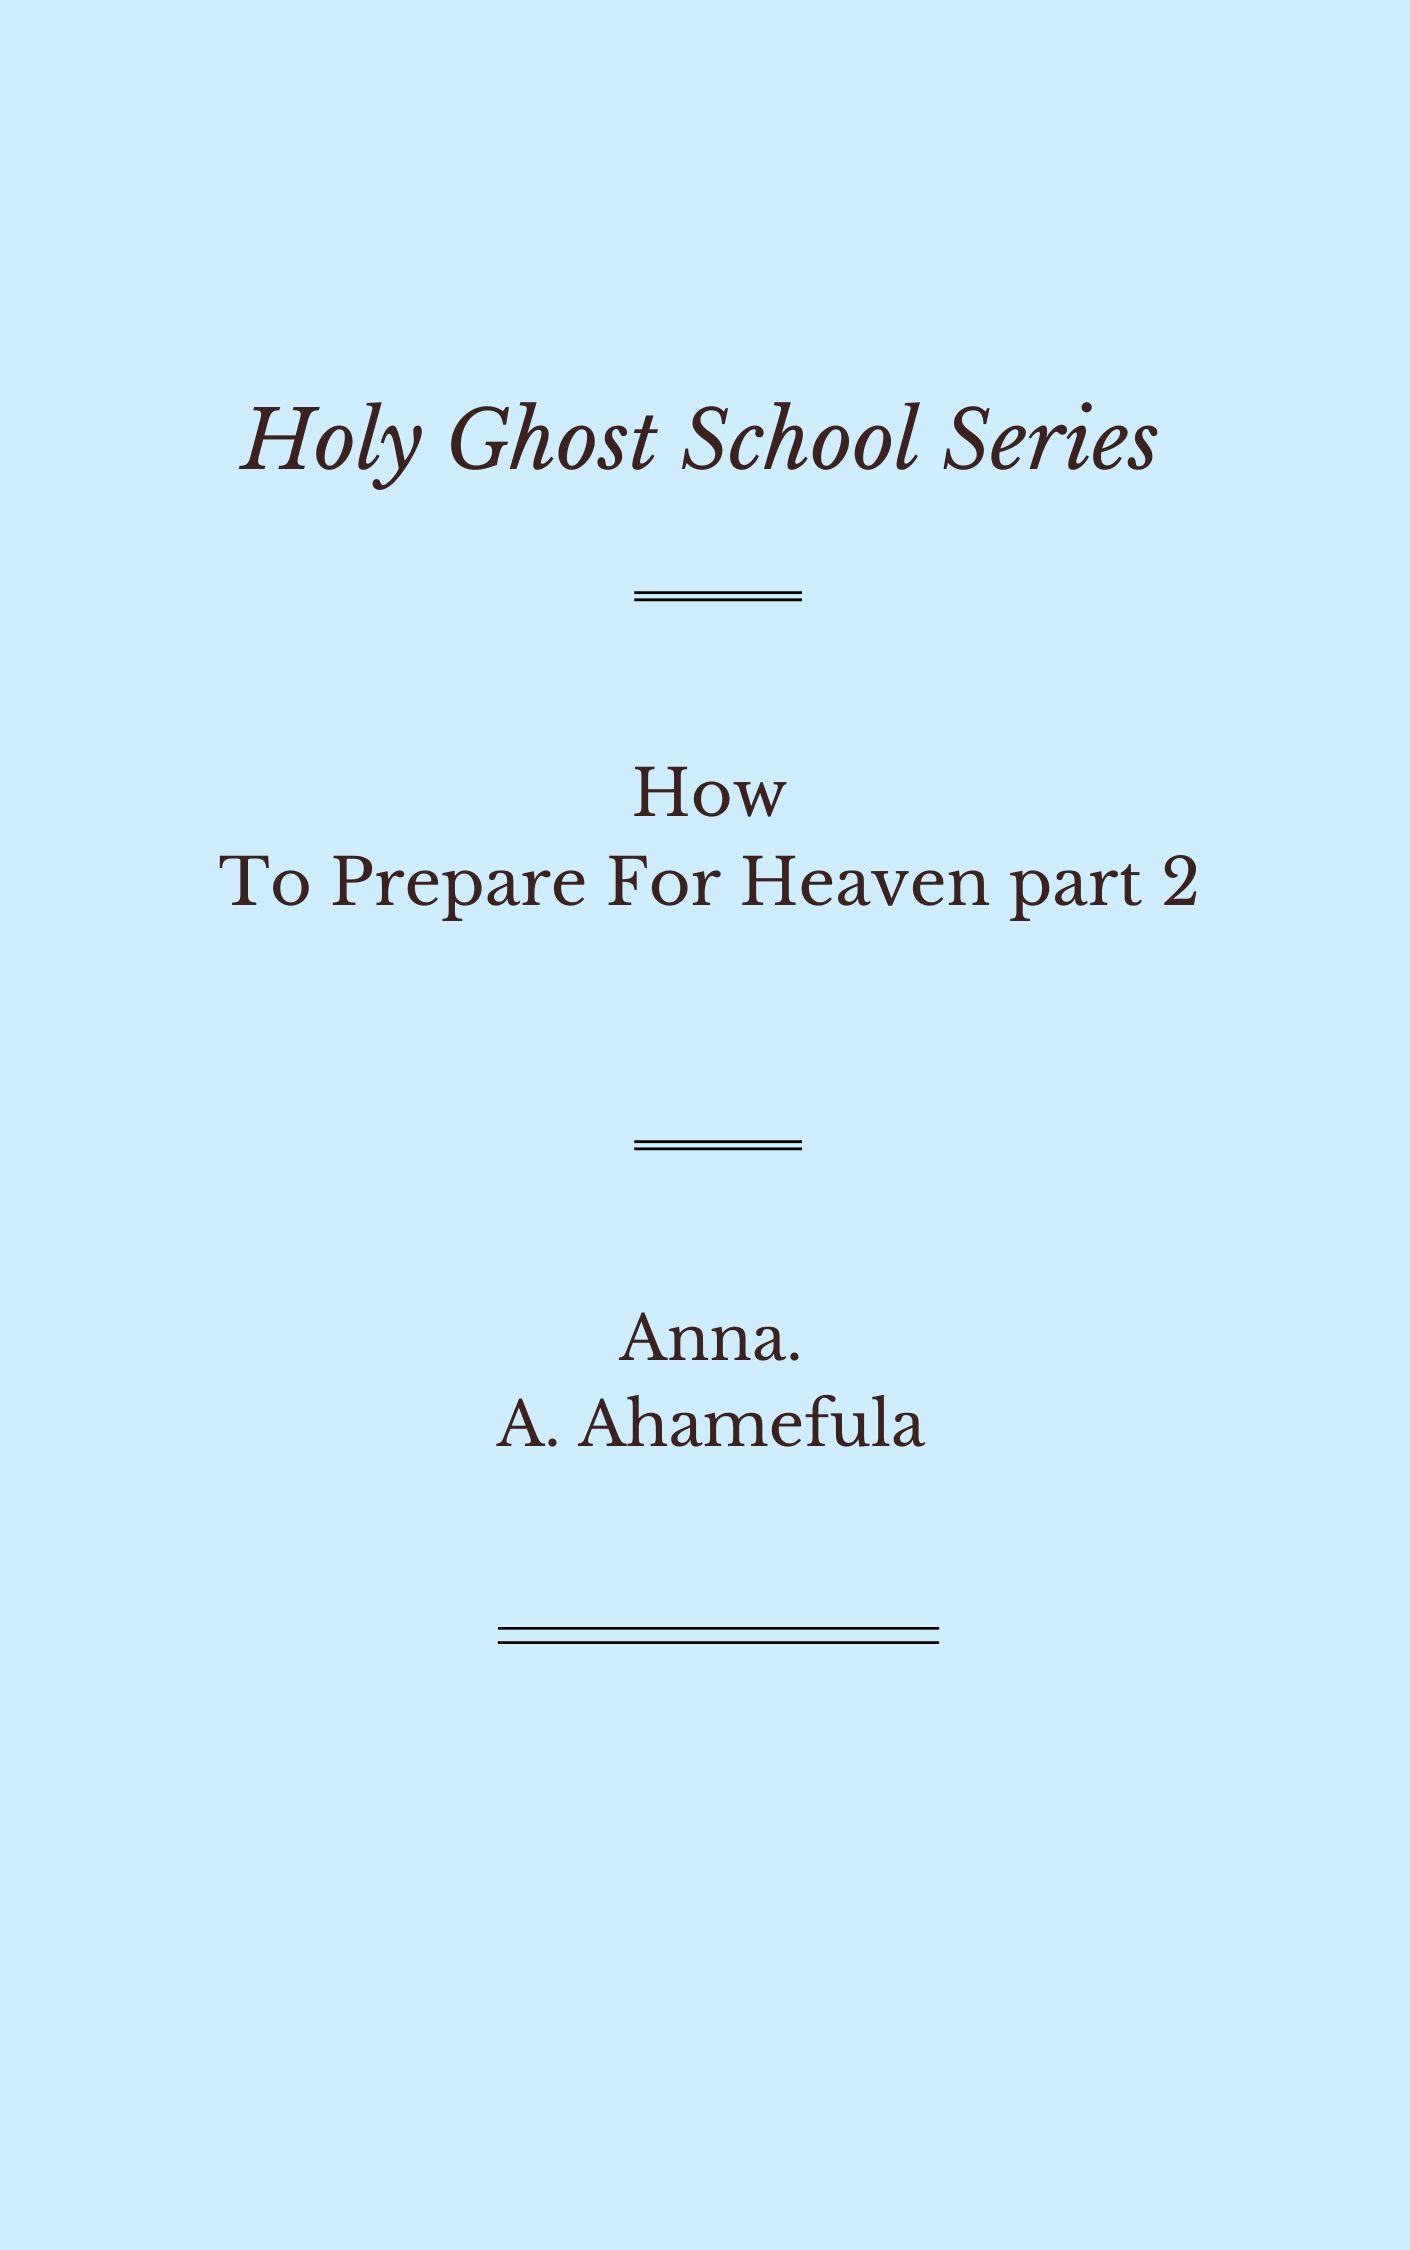 prepare for heaven